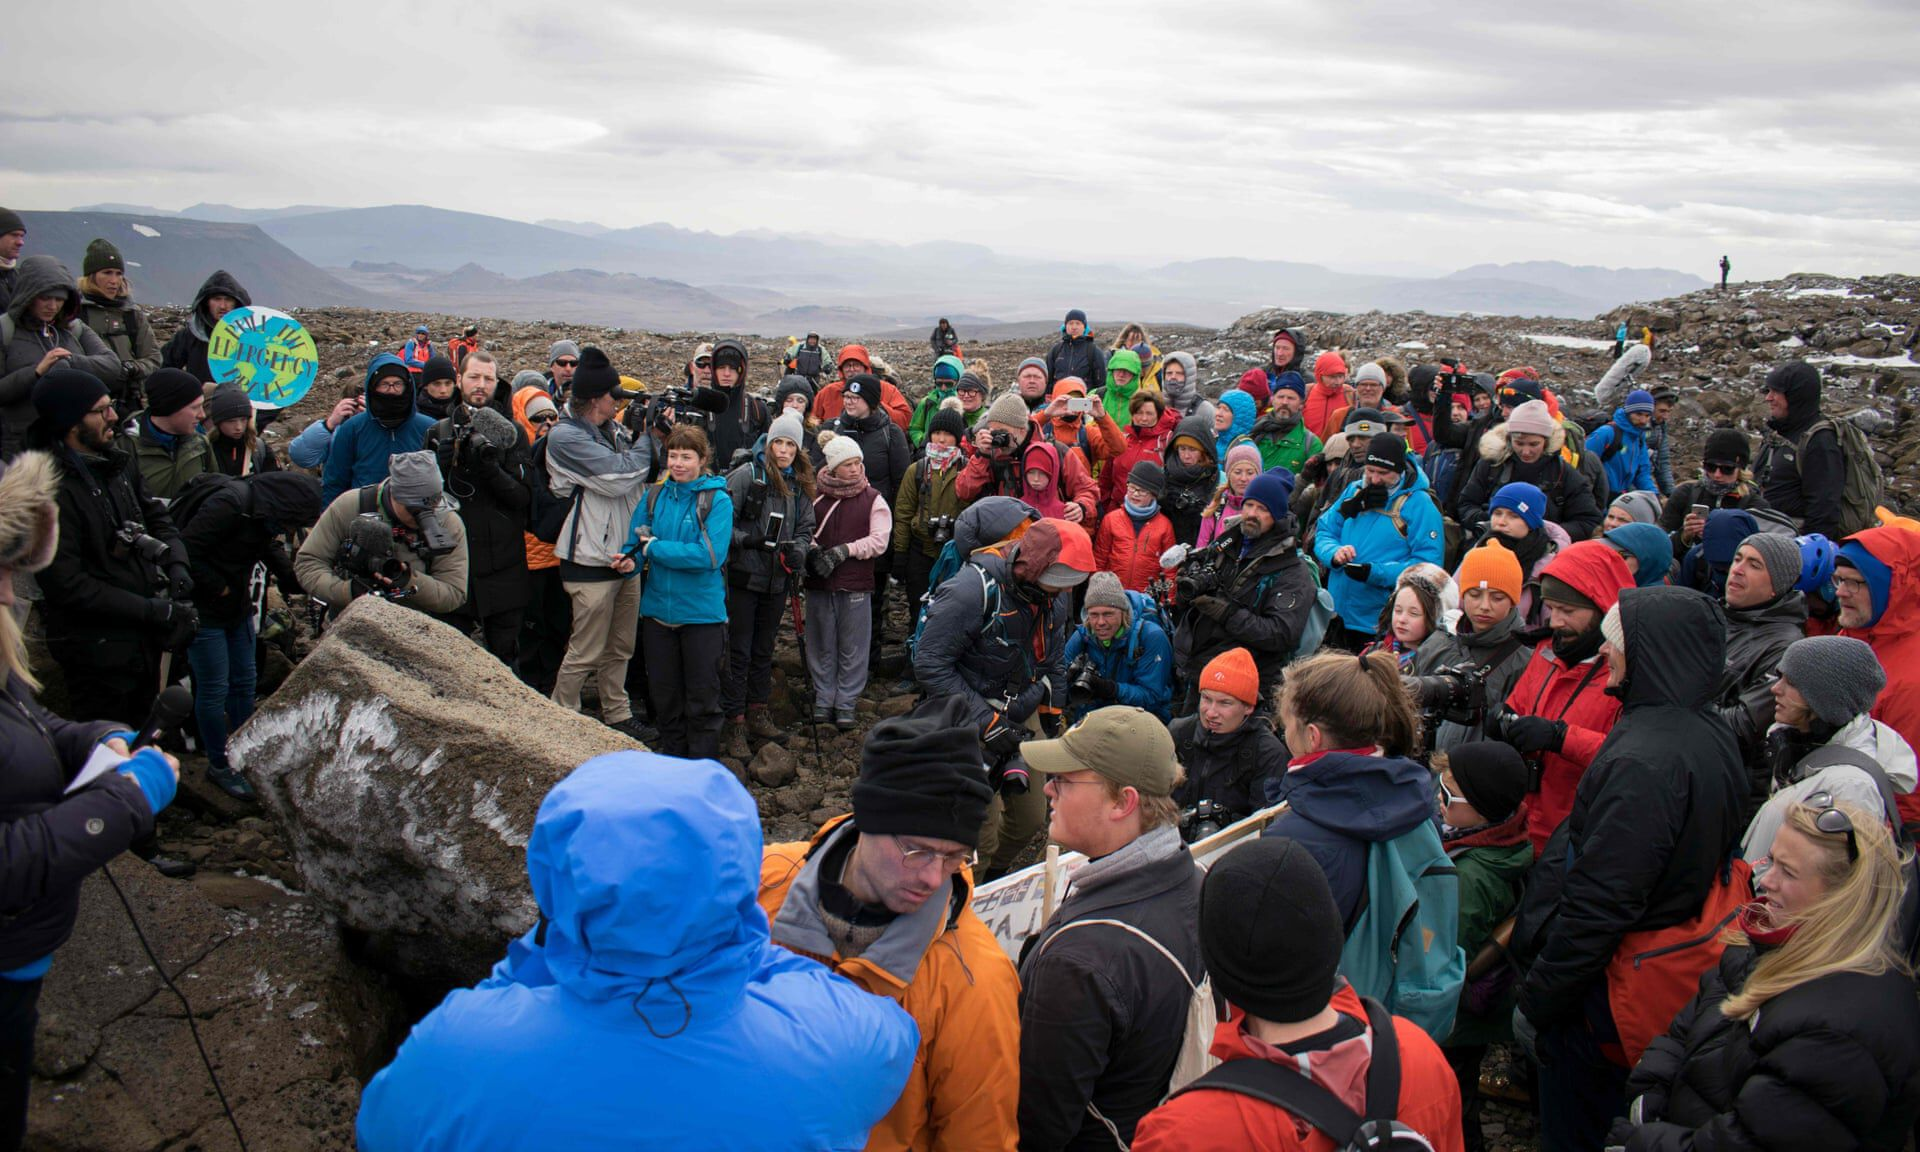 izland gleccser temetés klímaváltozás